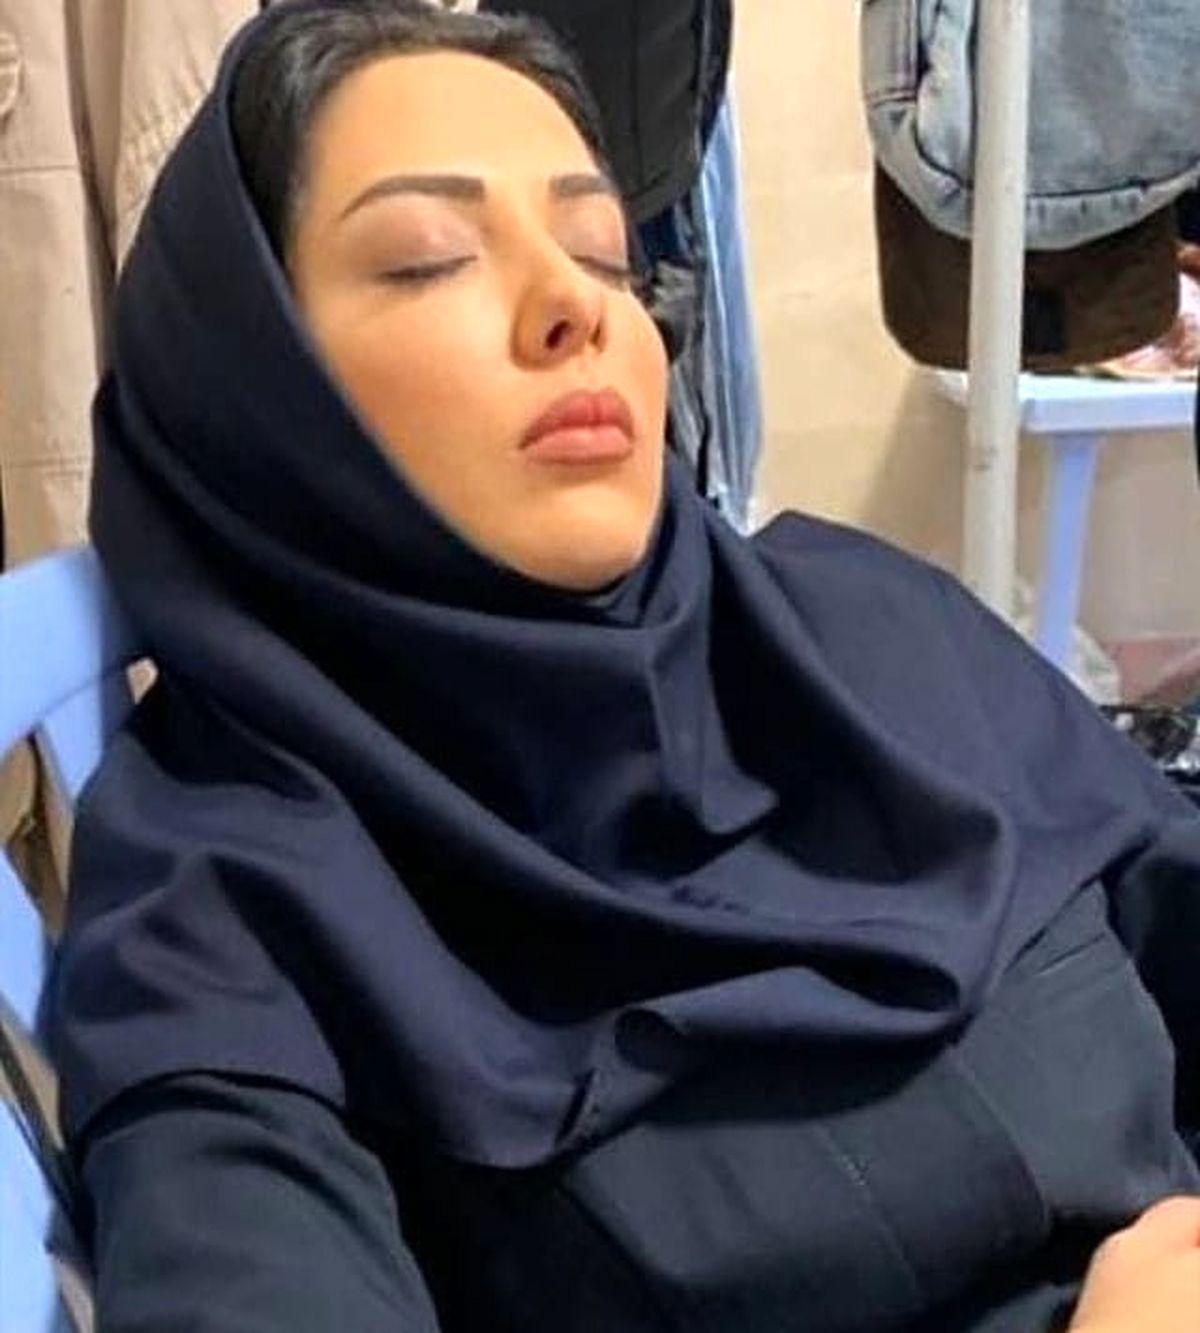 ازدواج لیلا اوتادی و احسان علیخانی/ واکنش عجیب لیلا اوتادی! + عکس